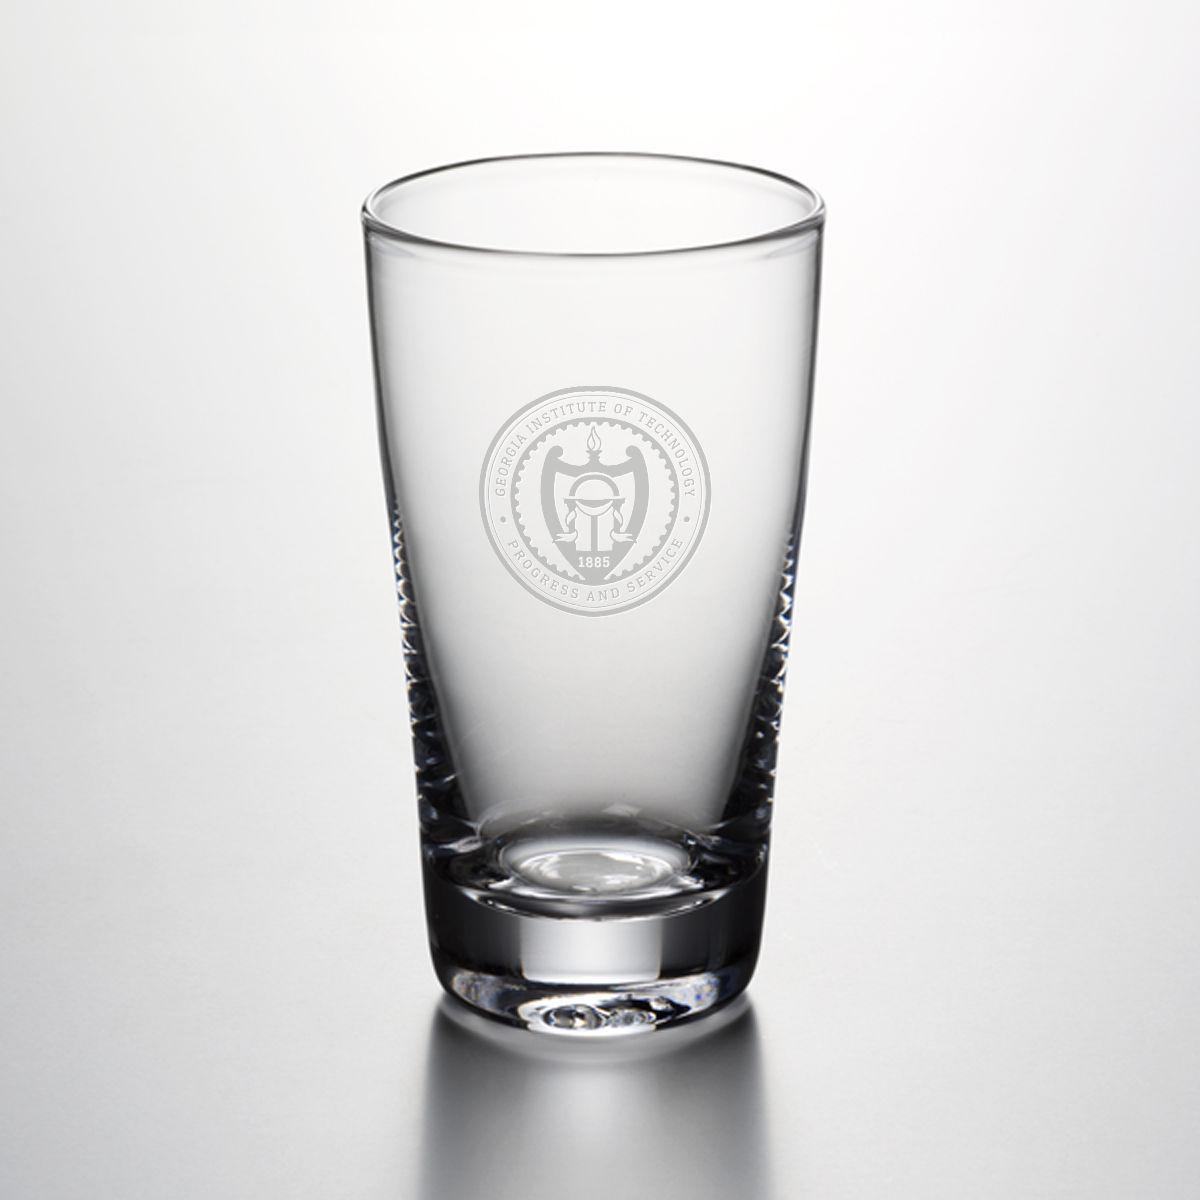 Georgia Tech Pint Glass by Simon Pearce